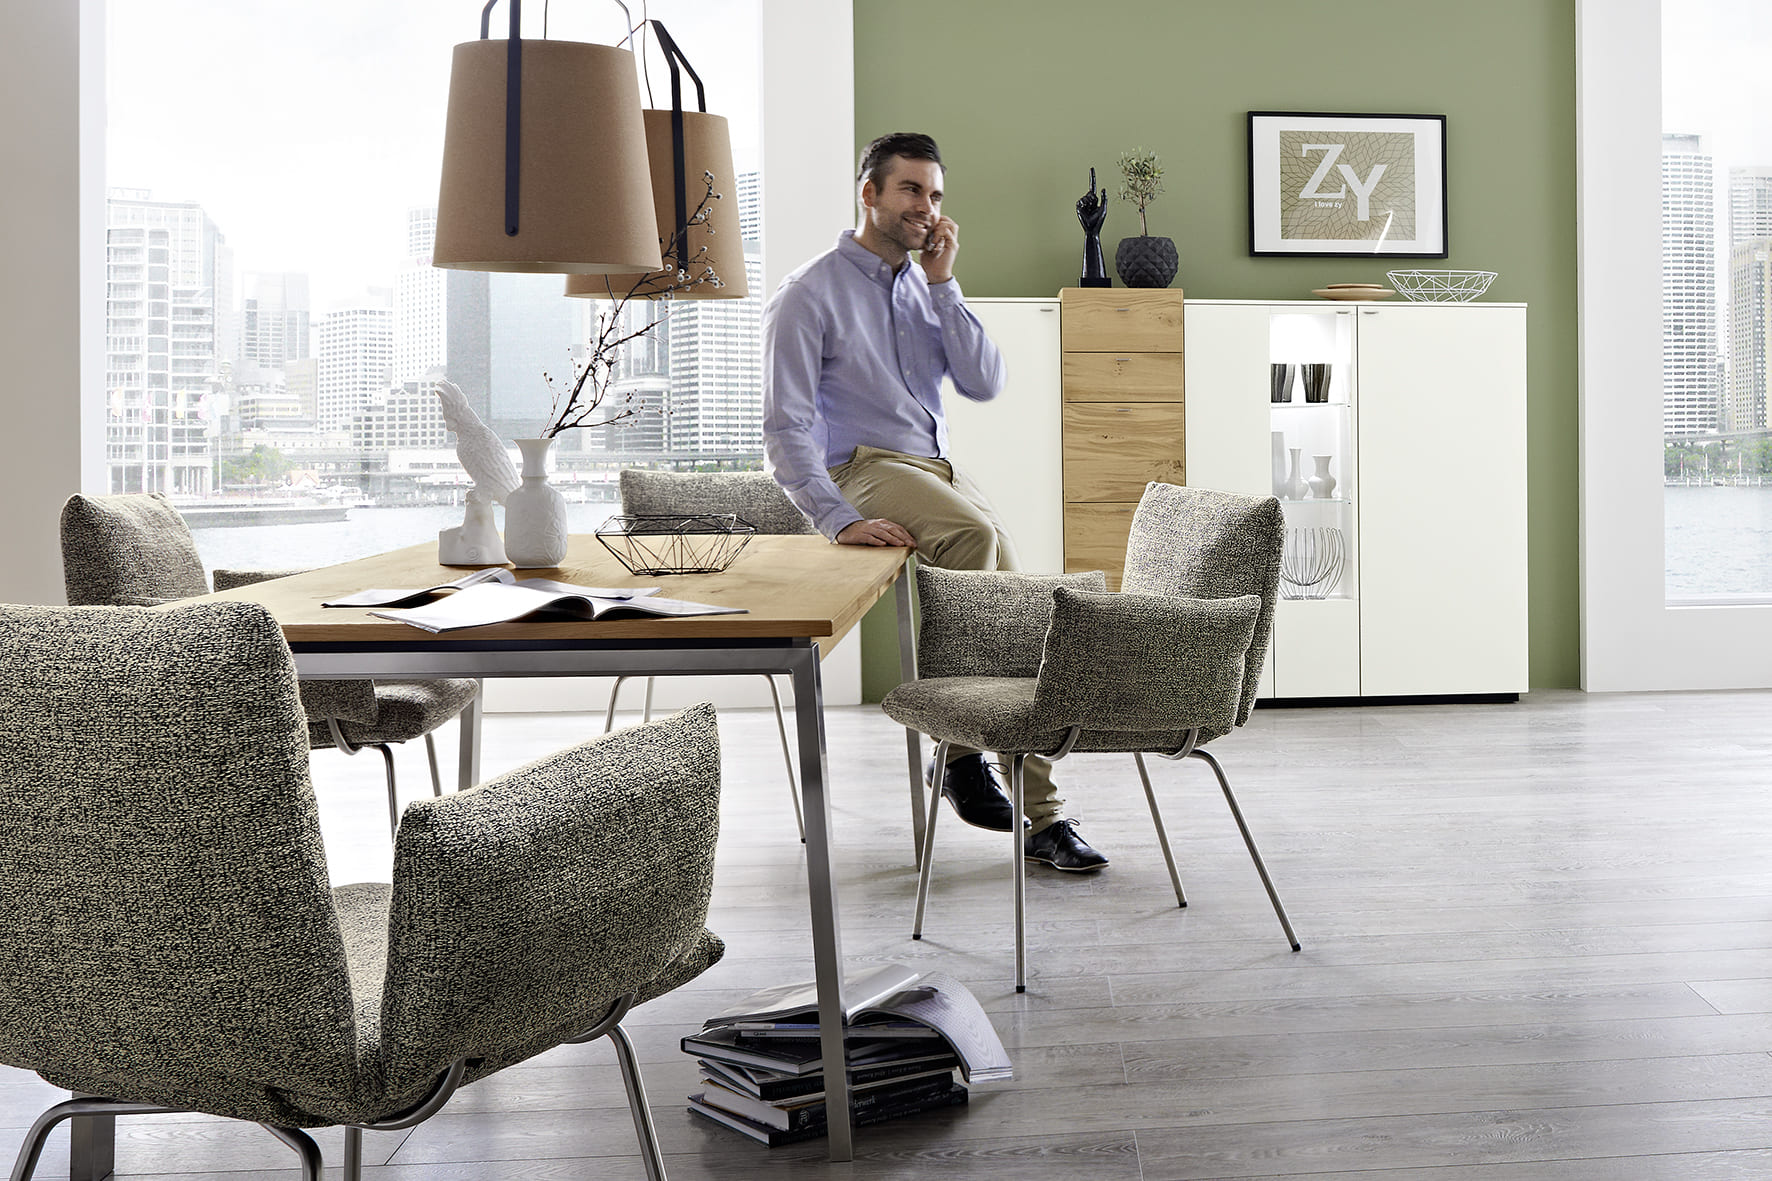 venjakob m bel weber neustadt landau karlsruhe. Black Bedroom Furniture Sets. Home Design Ideas